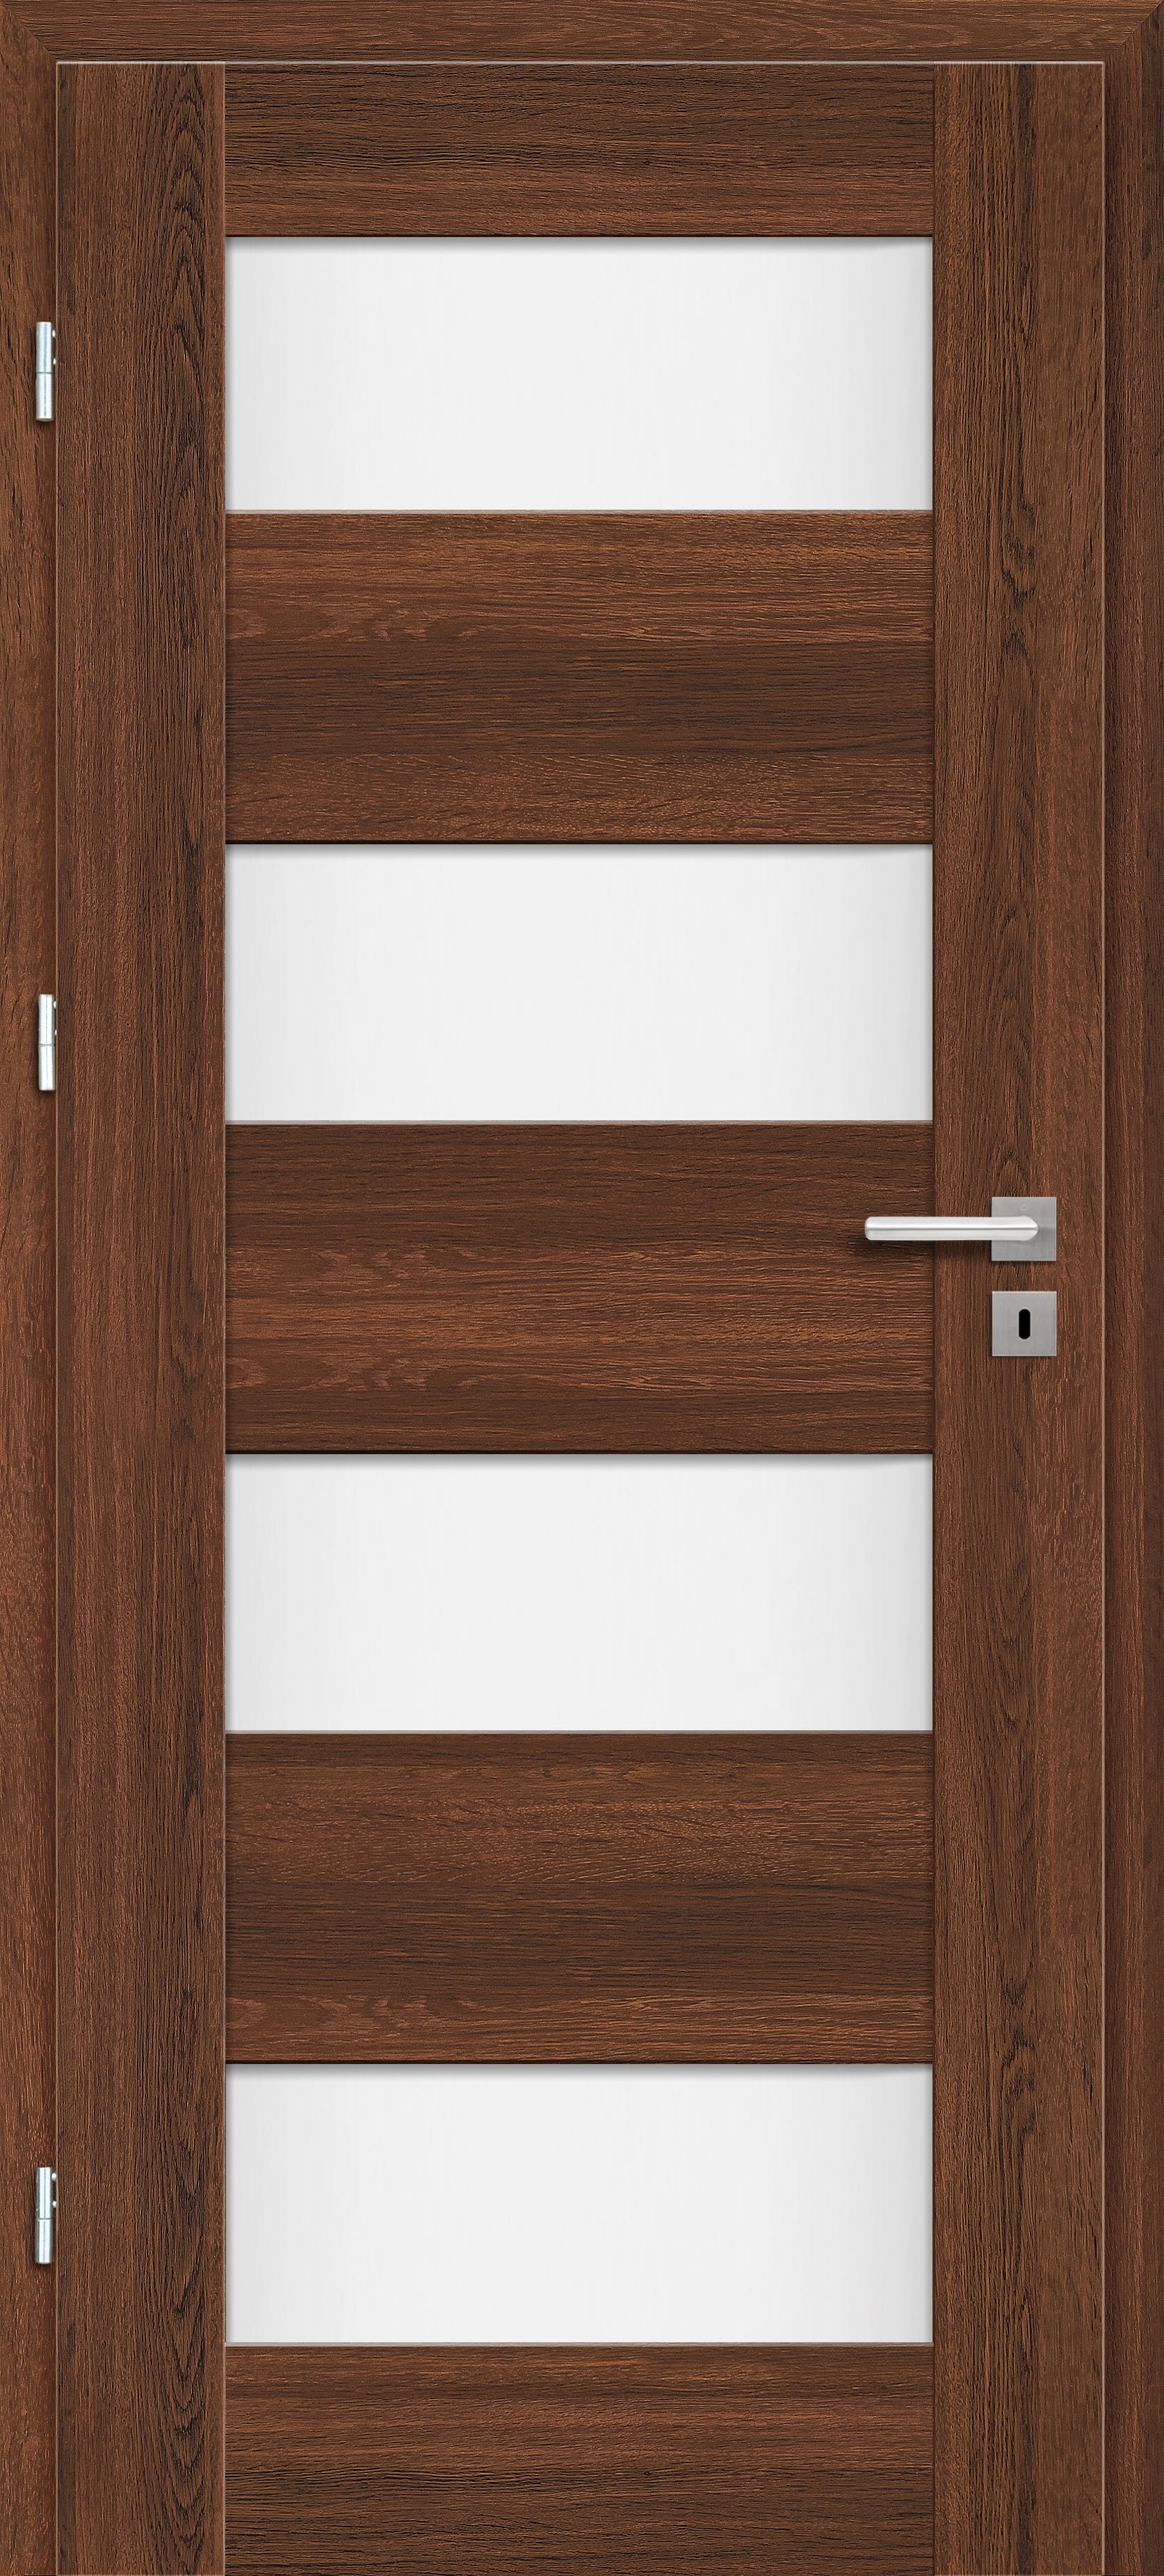 Interiérové dveře Erkado Debecie Premium/CPL - s obkladem kovové zárubně a klika zdarma